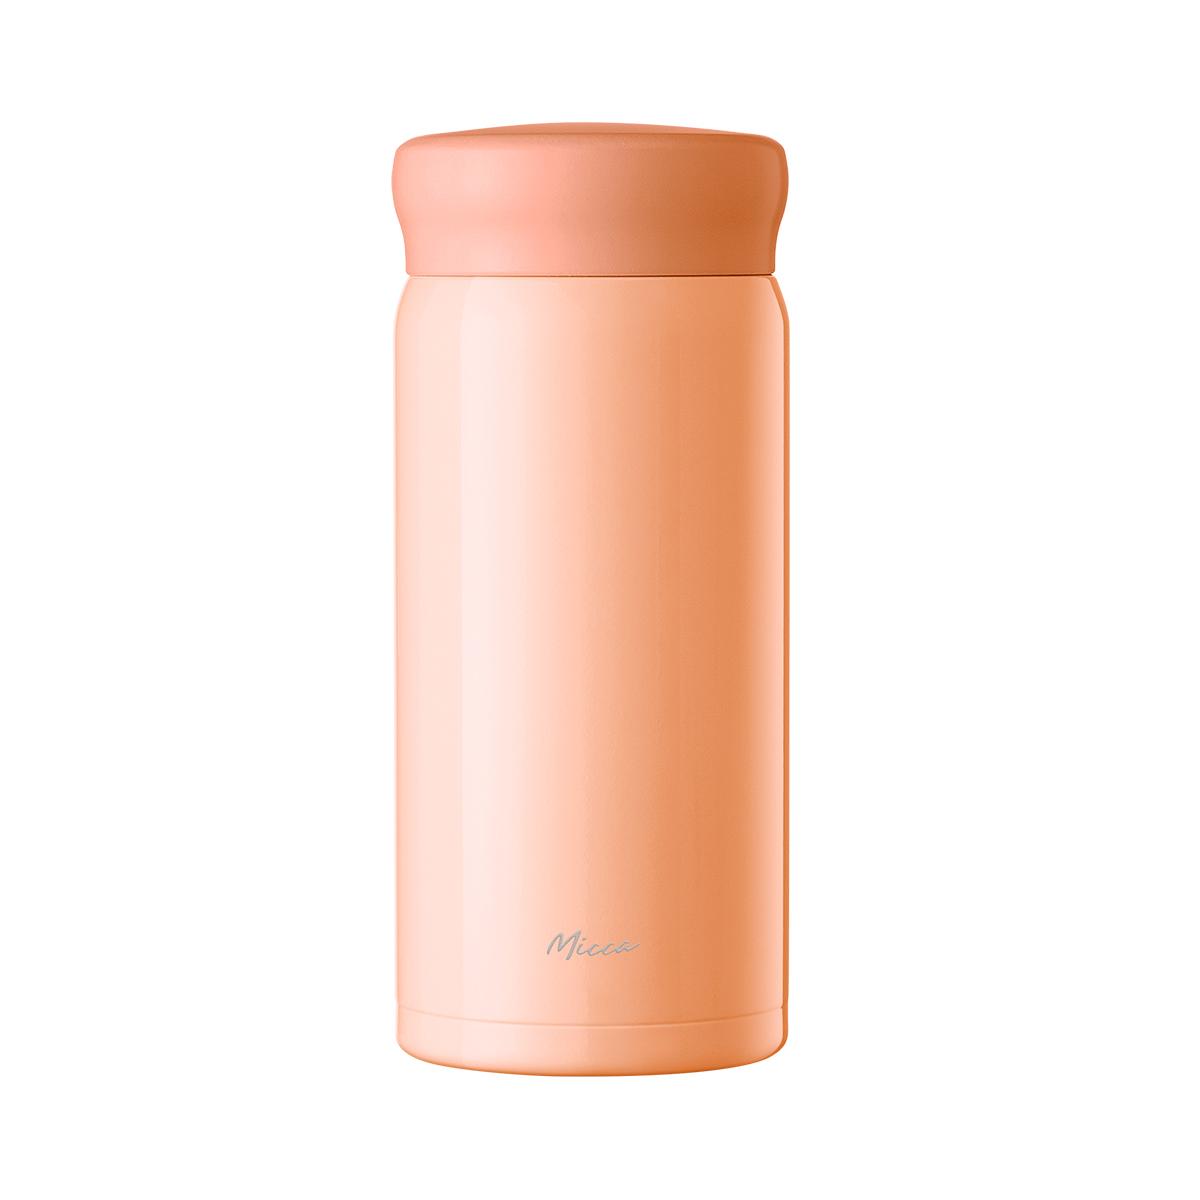 美的Micca马卡龙保温杯mini杯男女士316不锈钢便携儿童旋盖水杯子